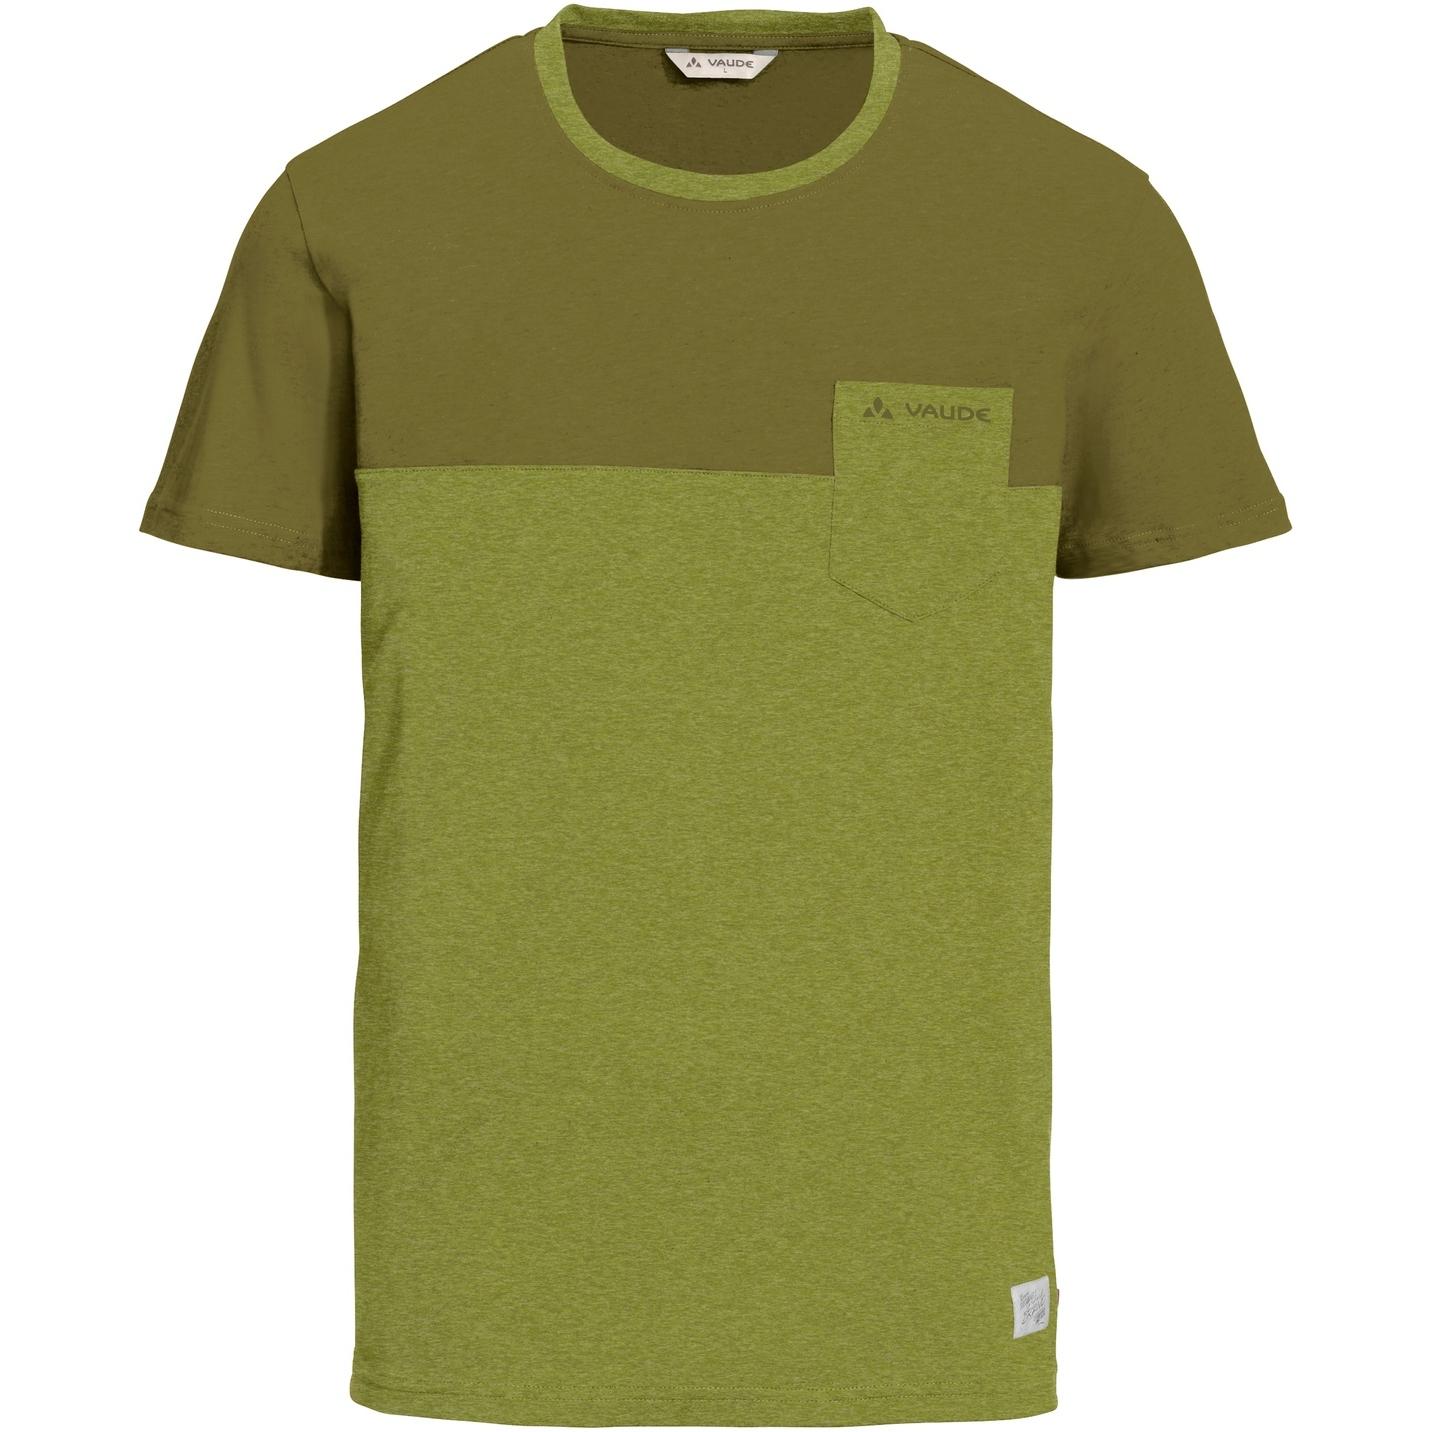 Vaude Nevis T-Shirt III - bamboo